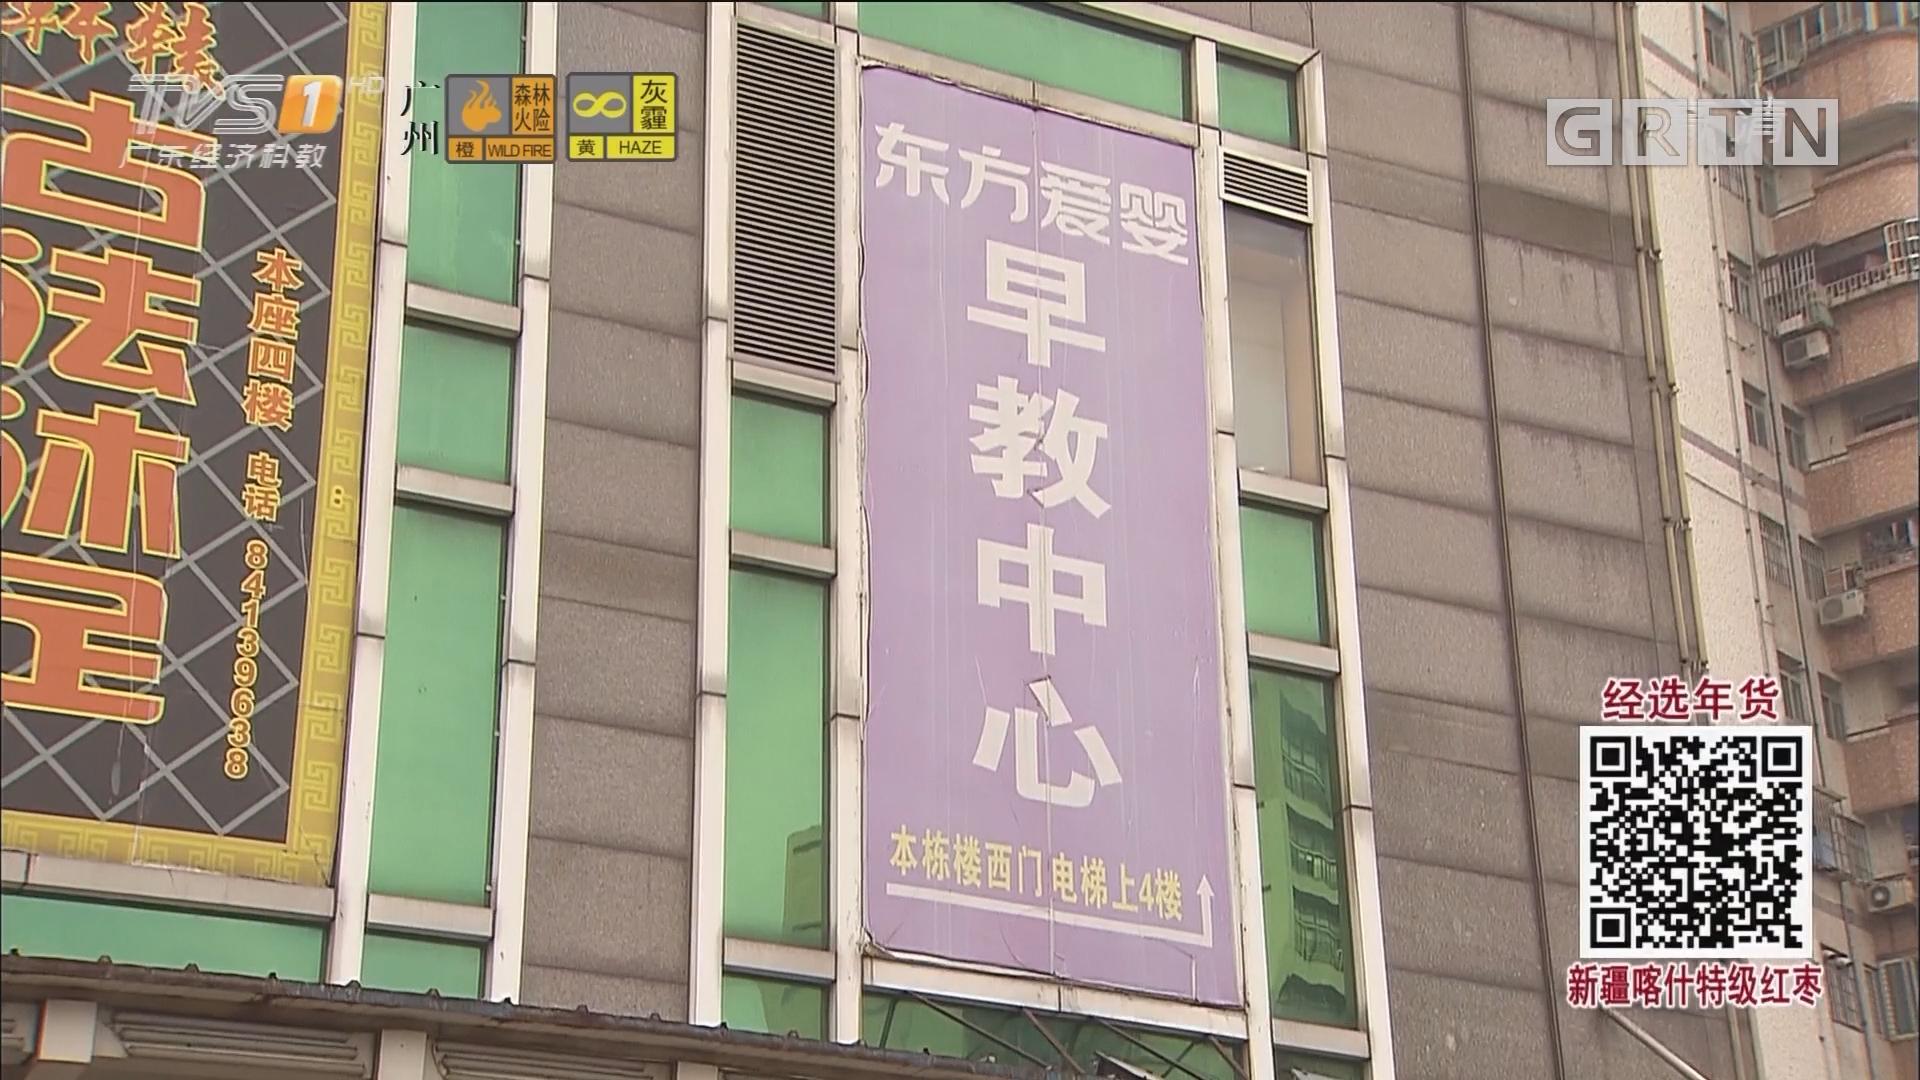 追踪:东方爱婴海珠中心倒闭 百名家长40余万预付款打水漂